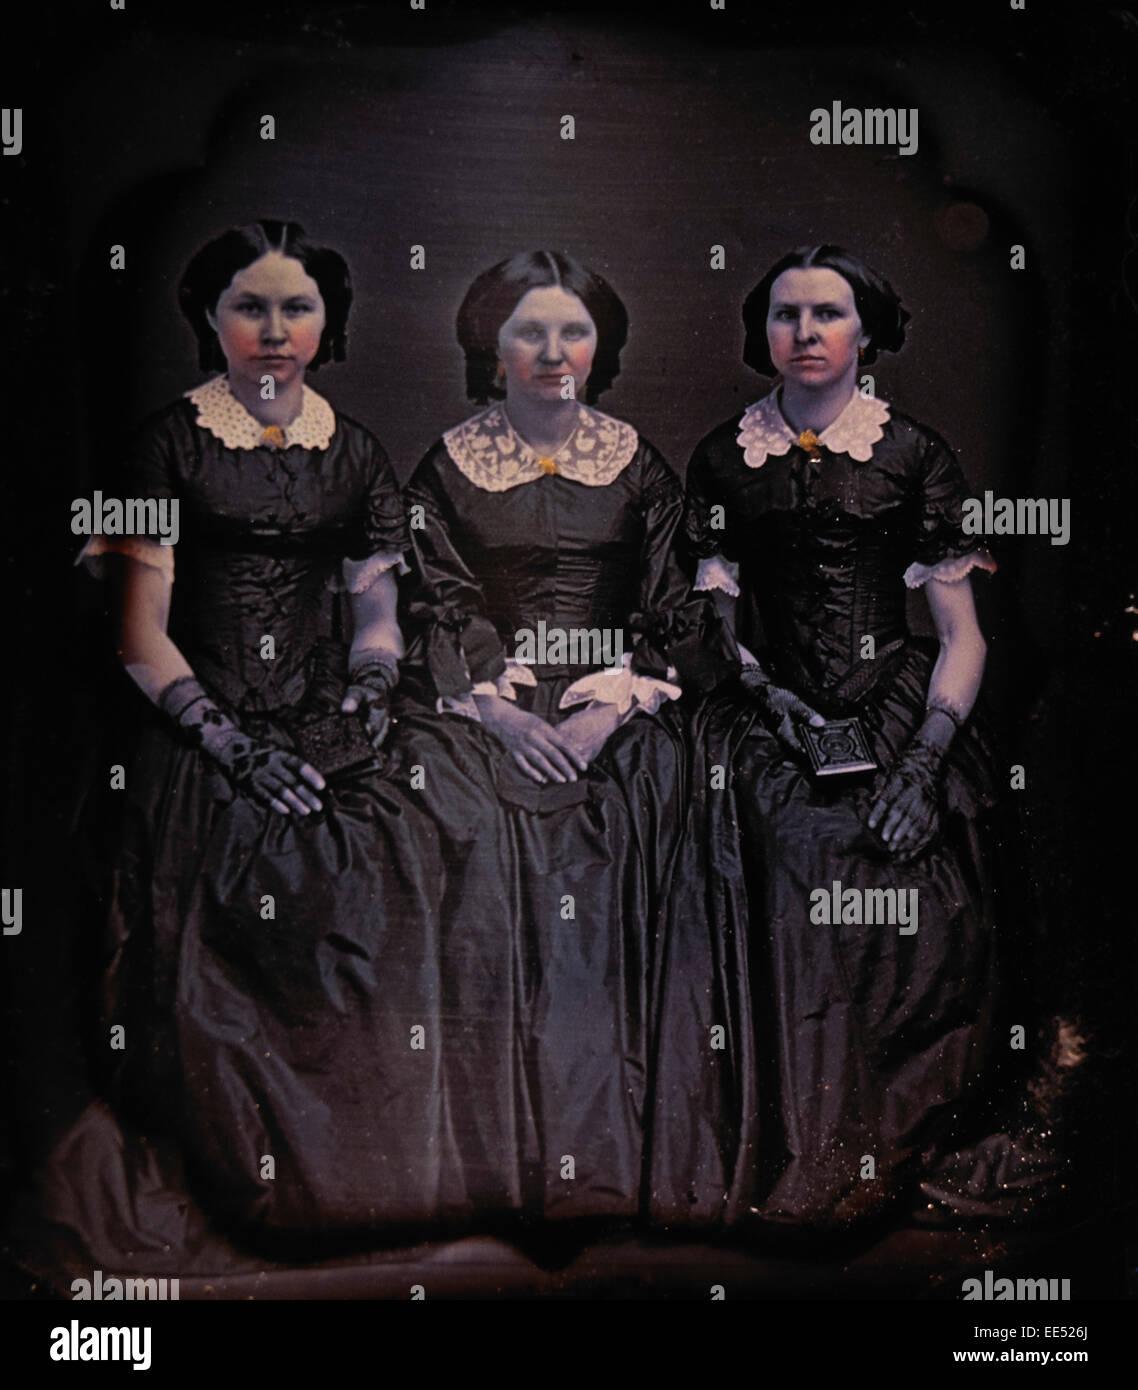 Tre donne in abiti lunghi con collari di pizzo 9b80bfb26e6